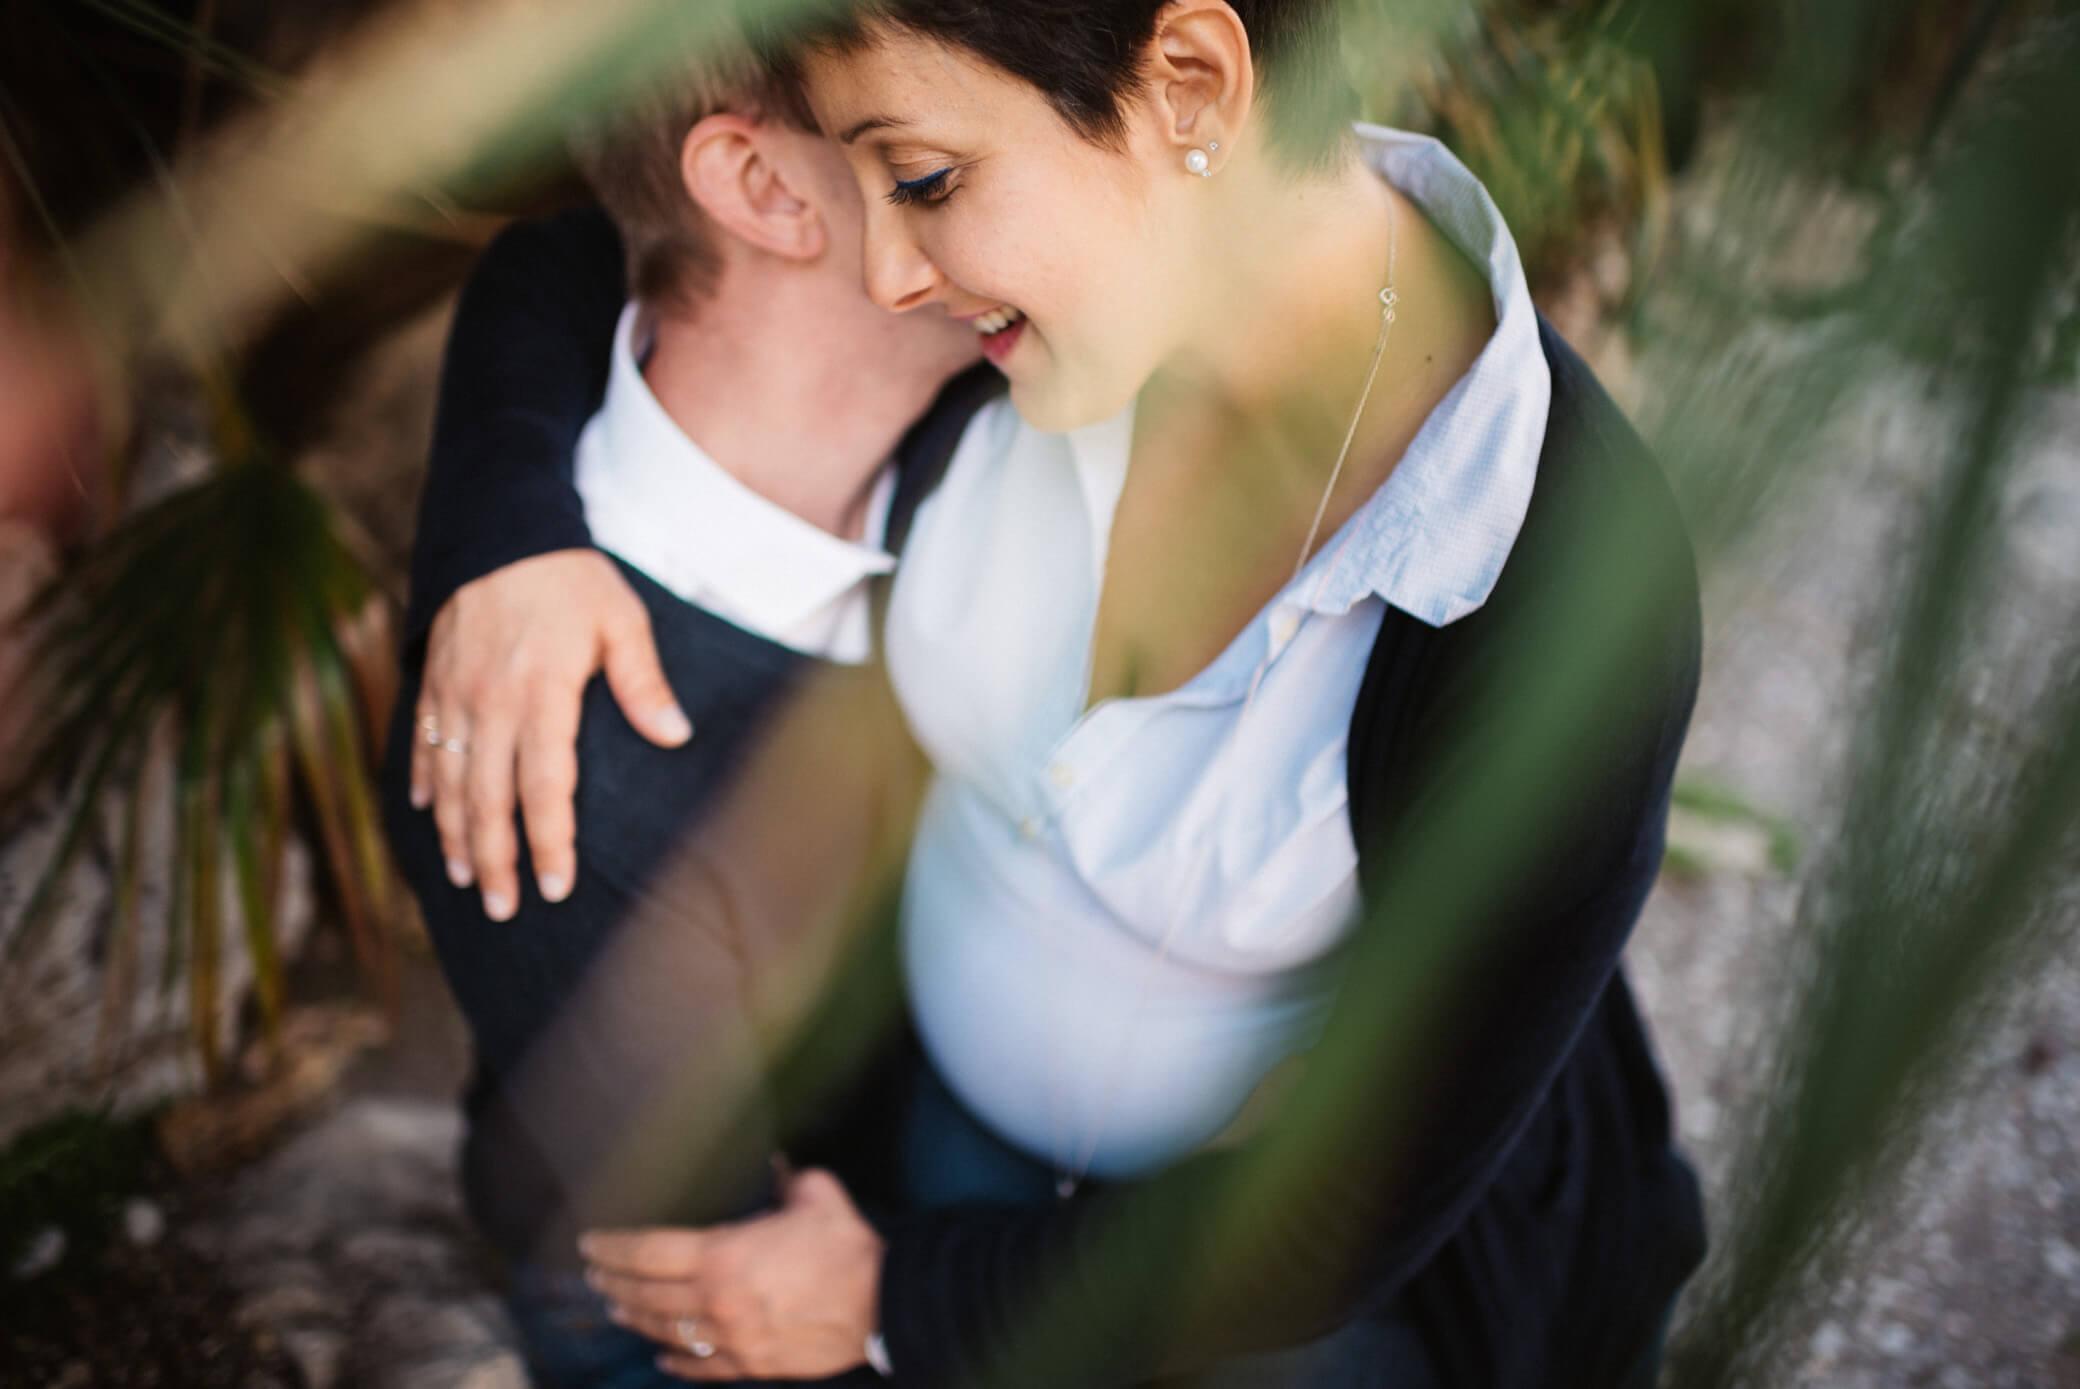 faire-poser-un-couple-et-obtenir-des-photos-avec-de-l-emotion04